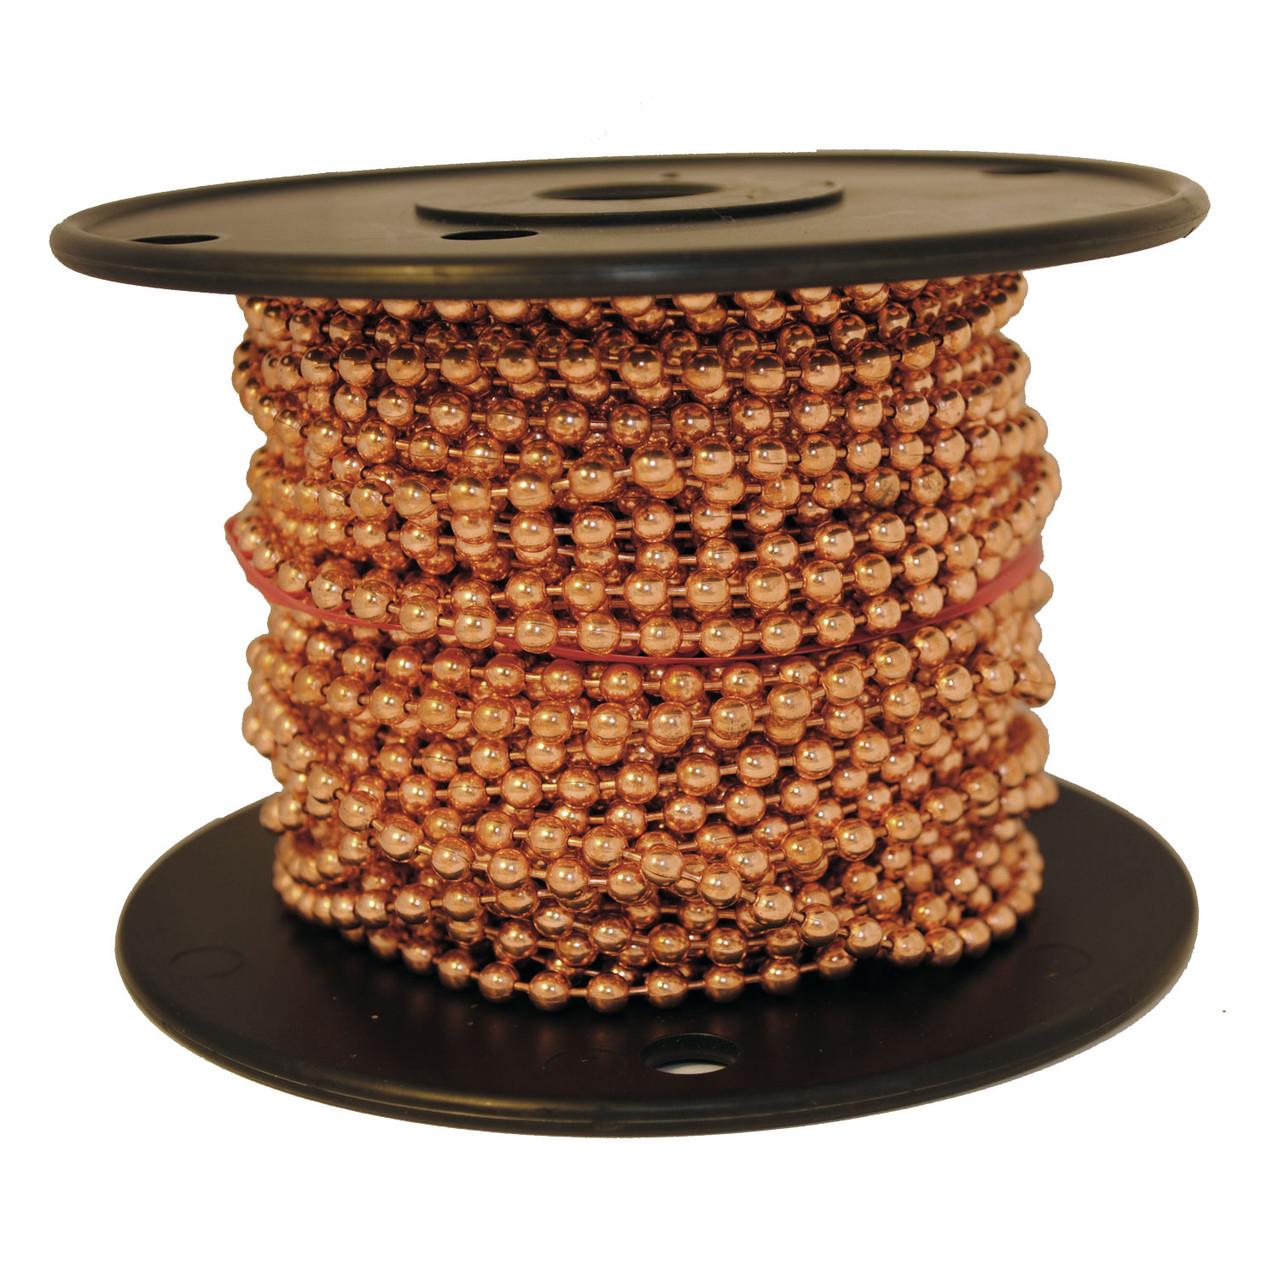 #10 copper ball chain spool on a black plastic spool. Made of 100% copper.